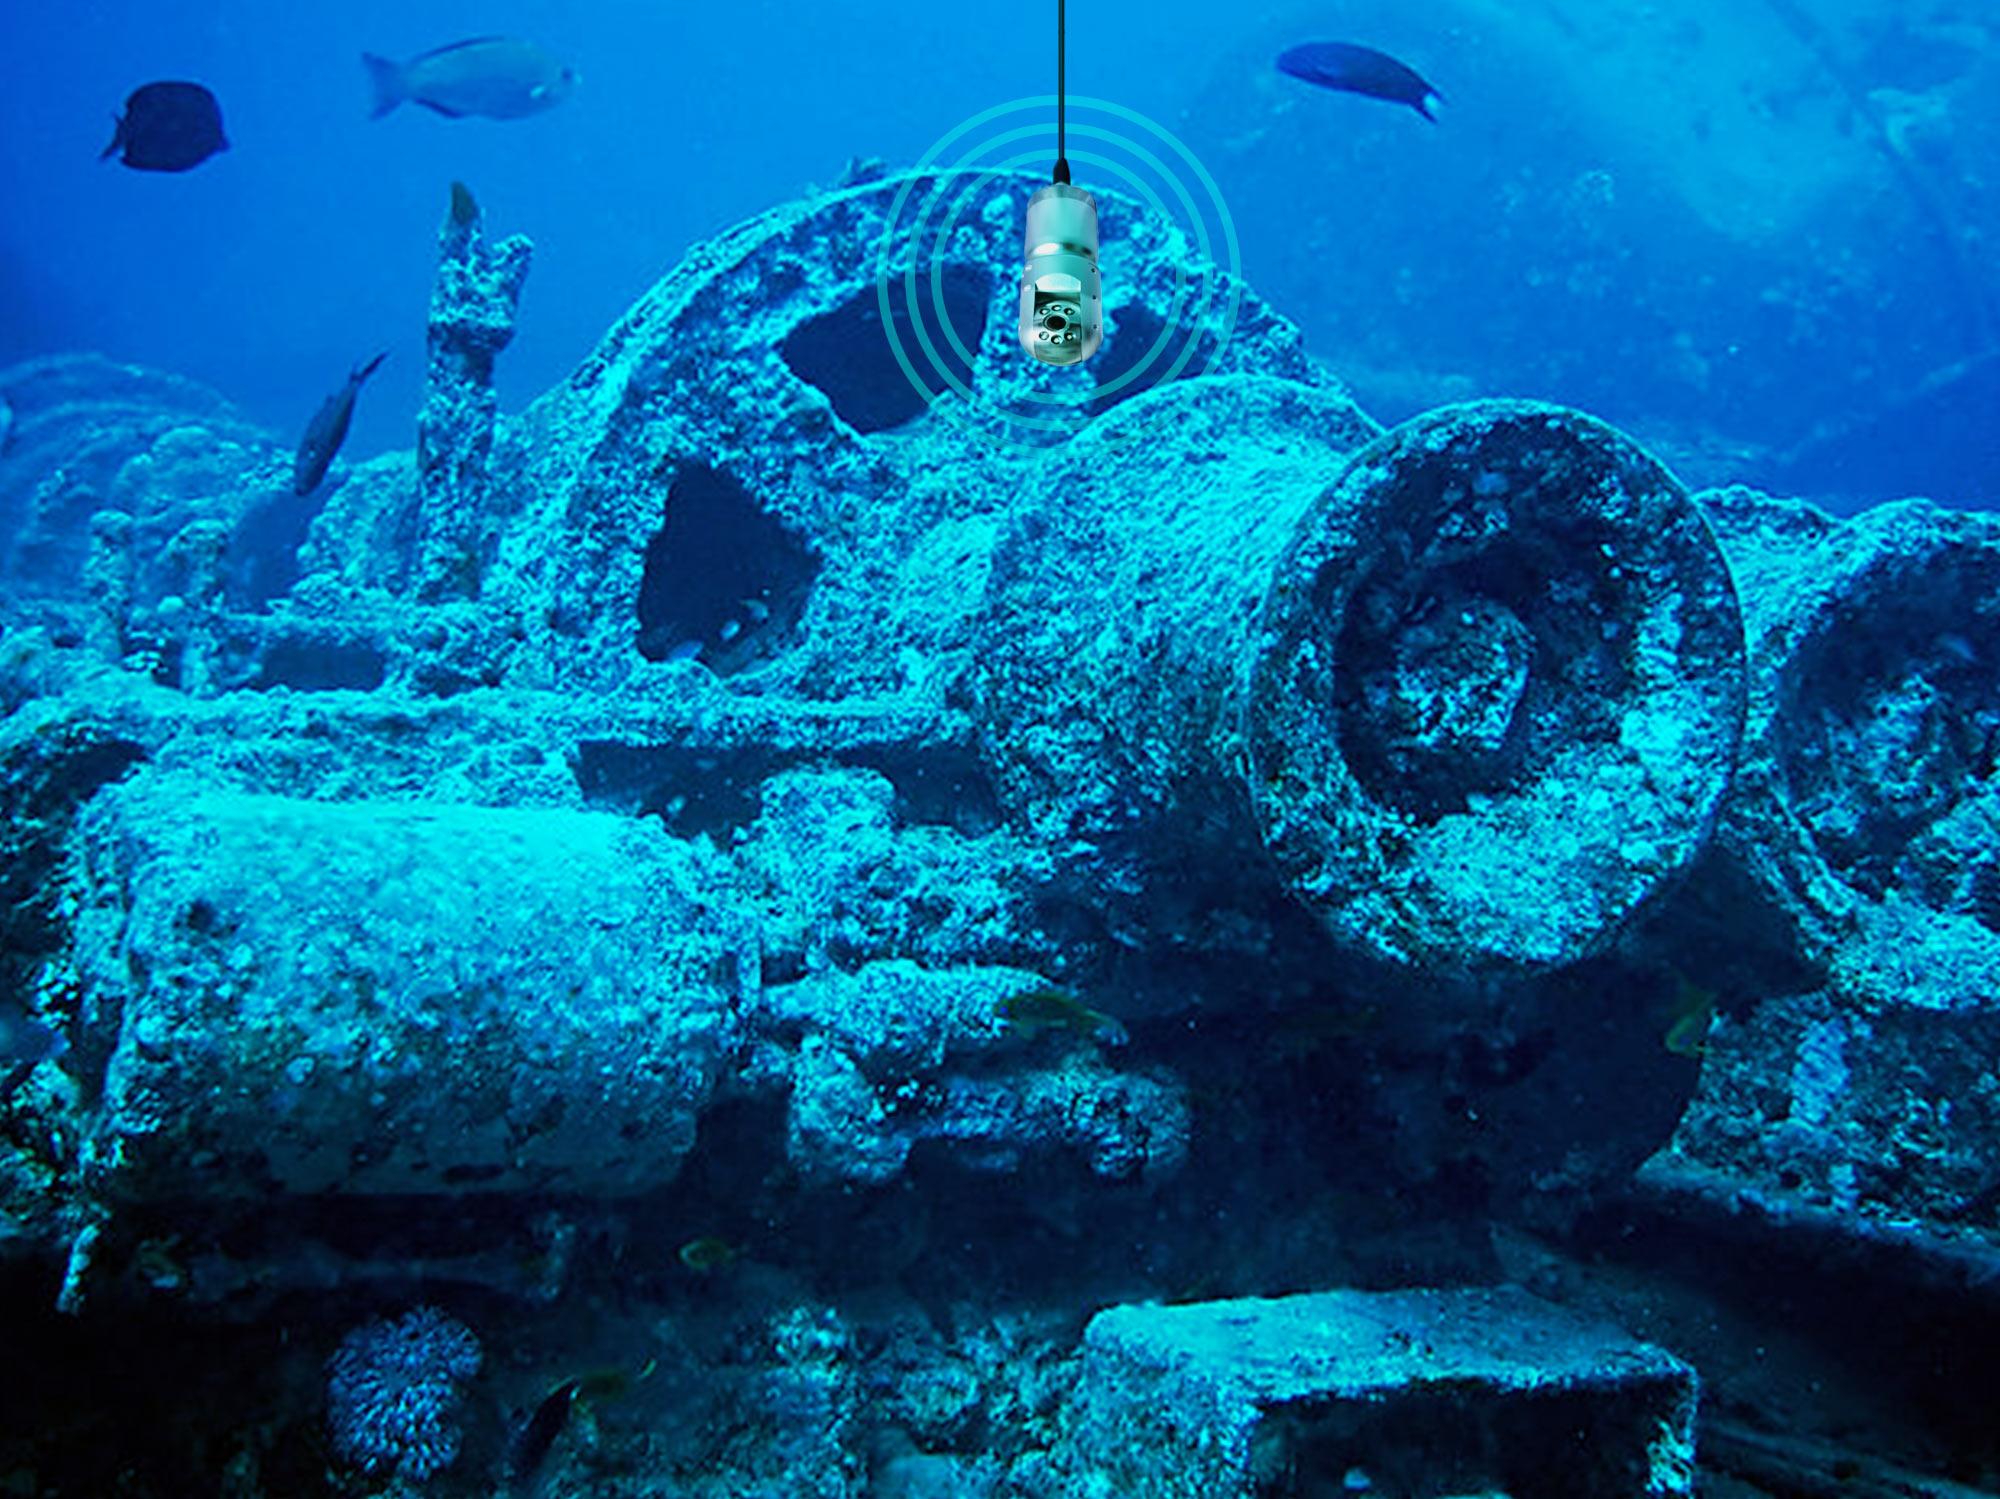 Inspecciones submarinas con tecnologia de punta.